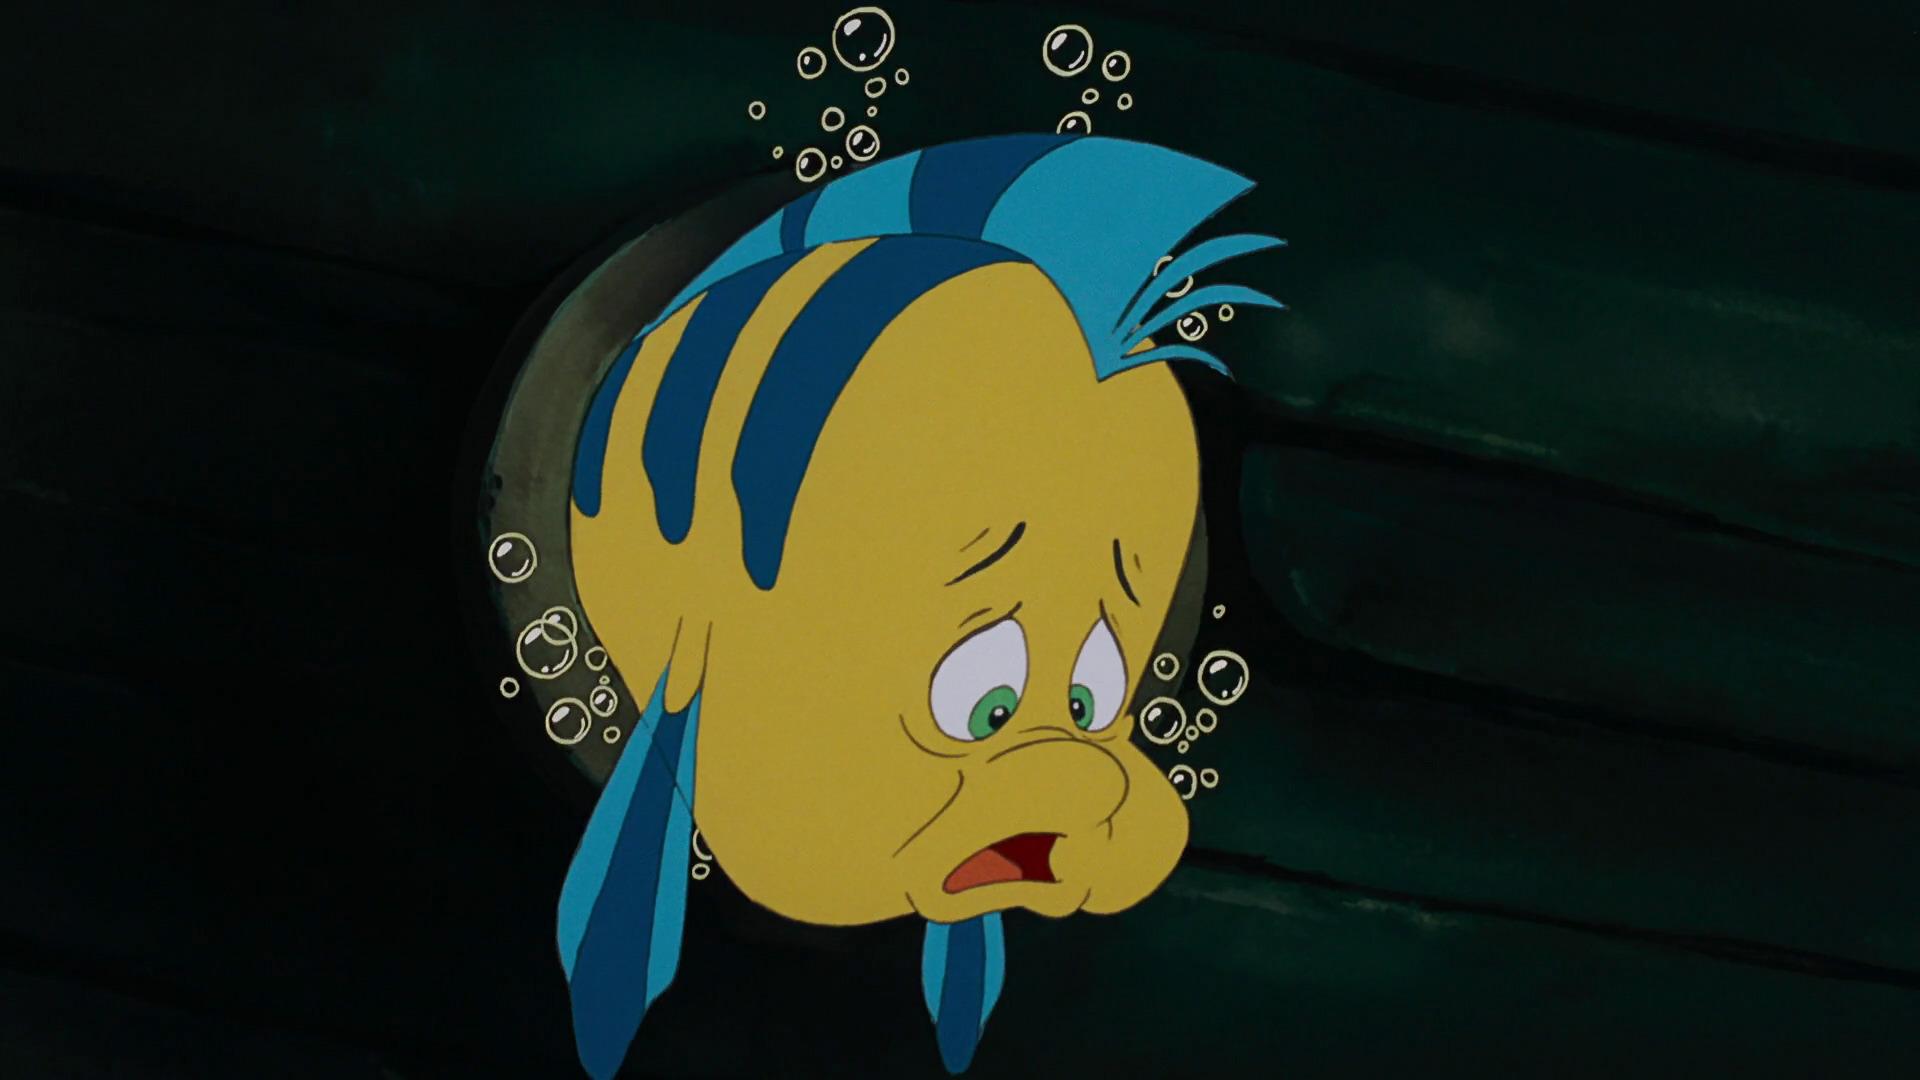 Polochon Personnage Dans La Petite Sirène Disney Planet